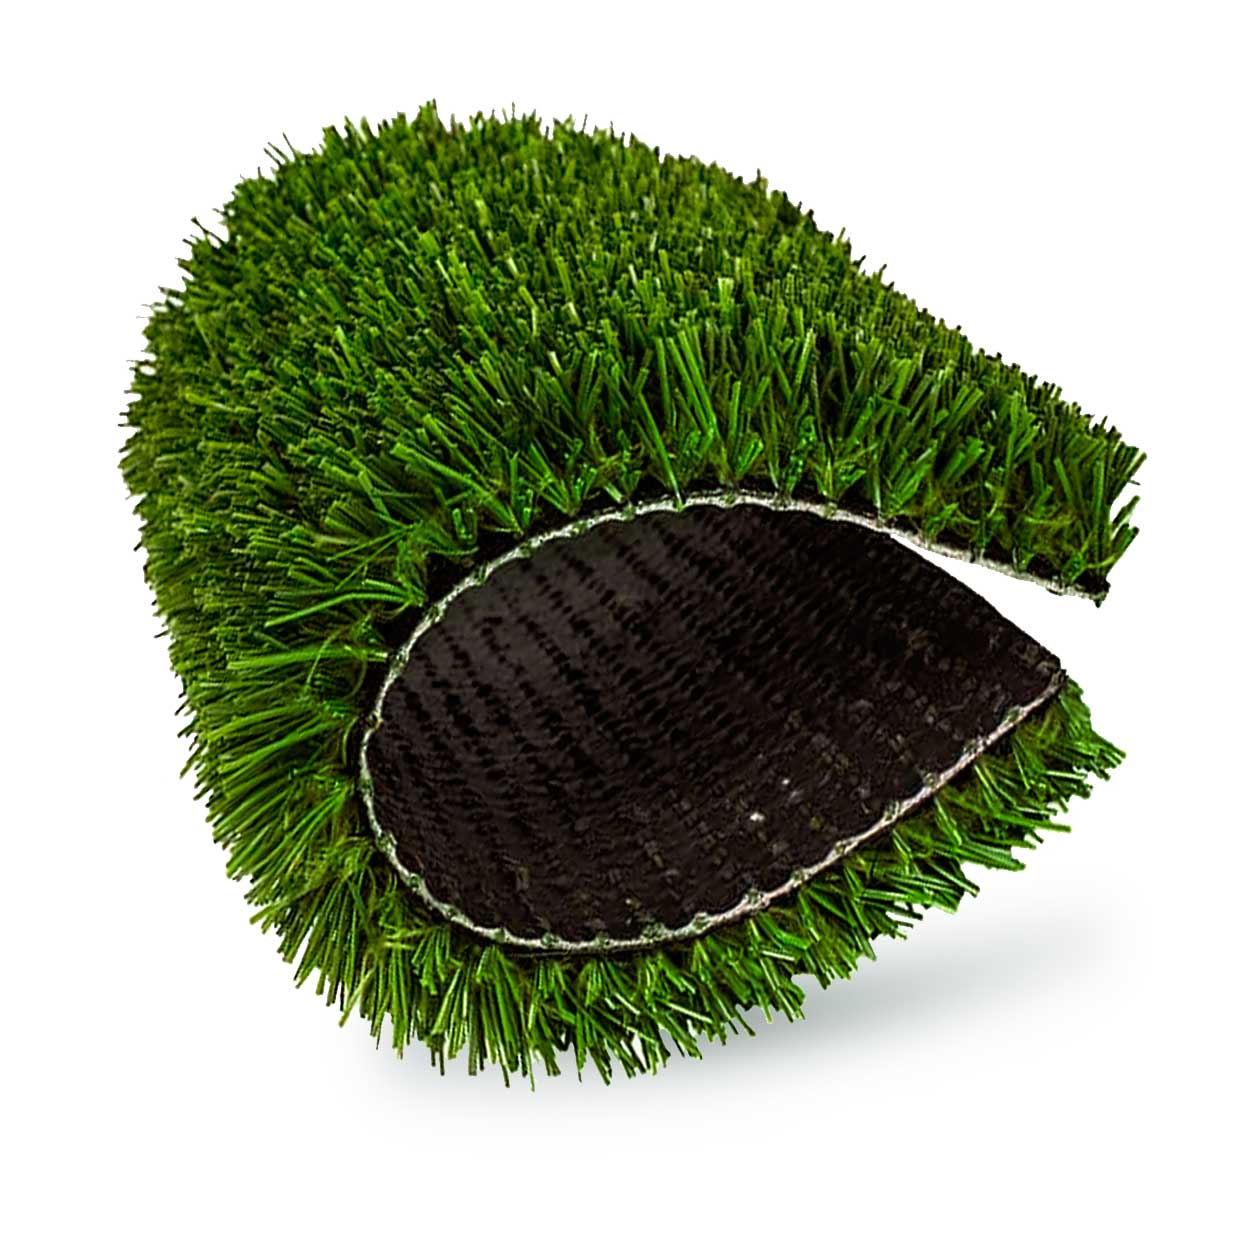 Grama Sintética XPlay Grass 22mm - 2x0,50m - Verde